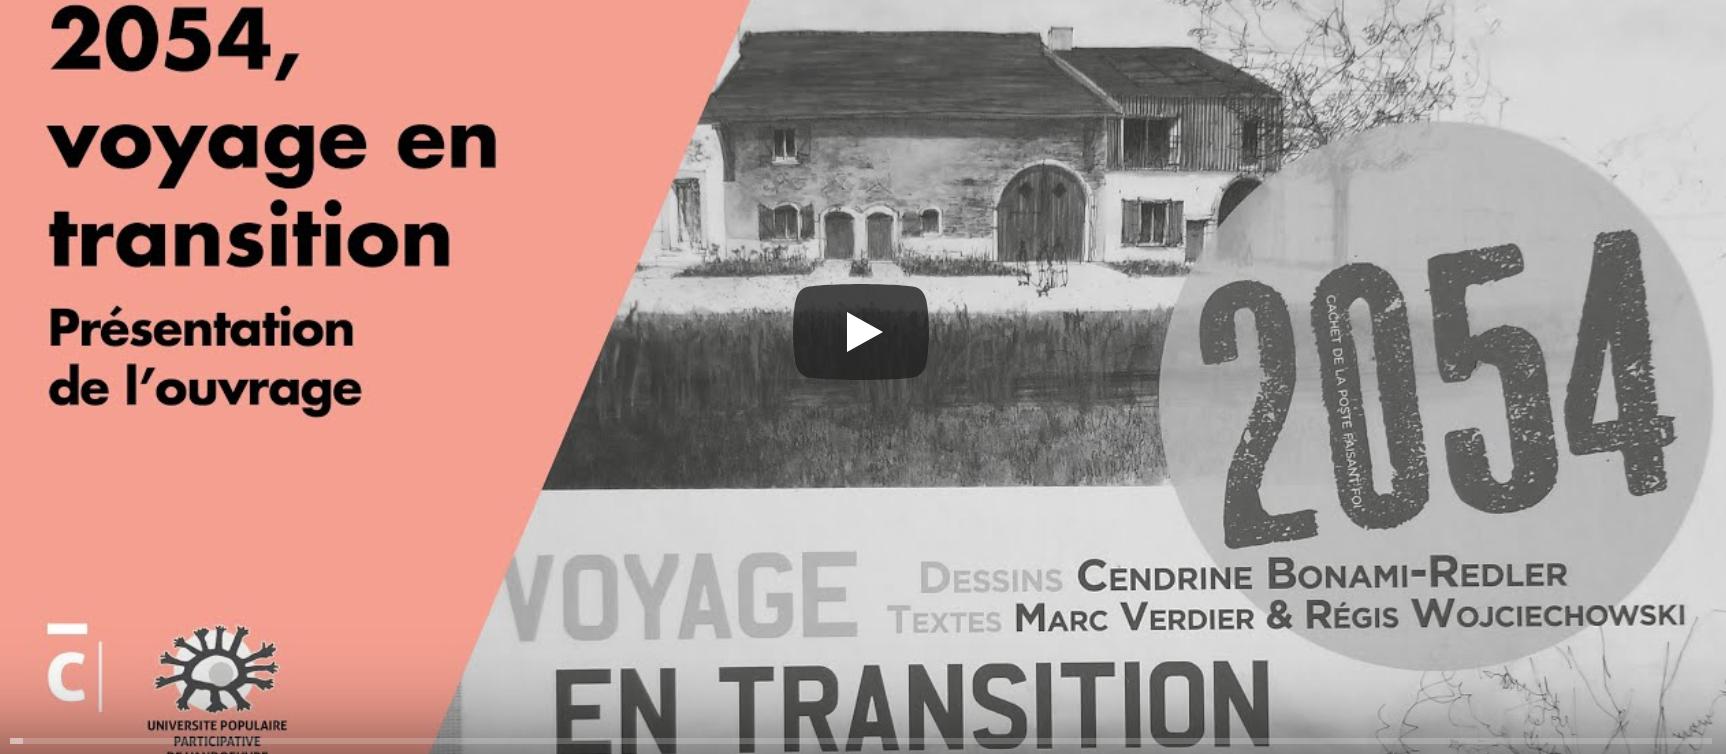 image du film de la conférence 2054 Voyage en trransition